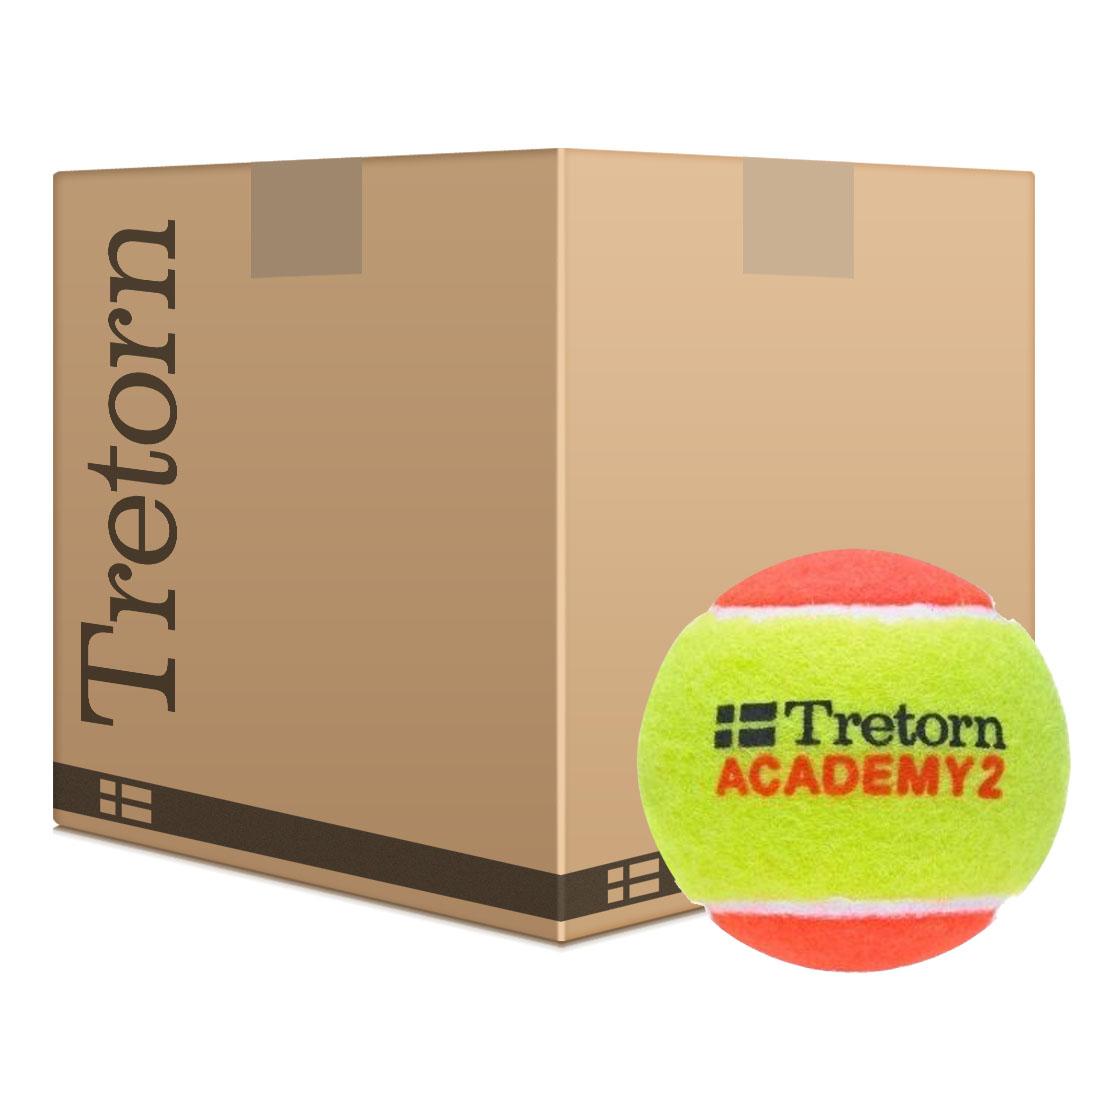 Tretorn Academy Orange Tennis Balls (12 dozen)